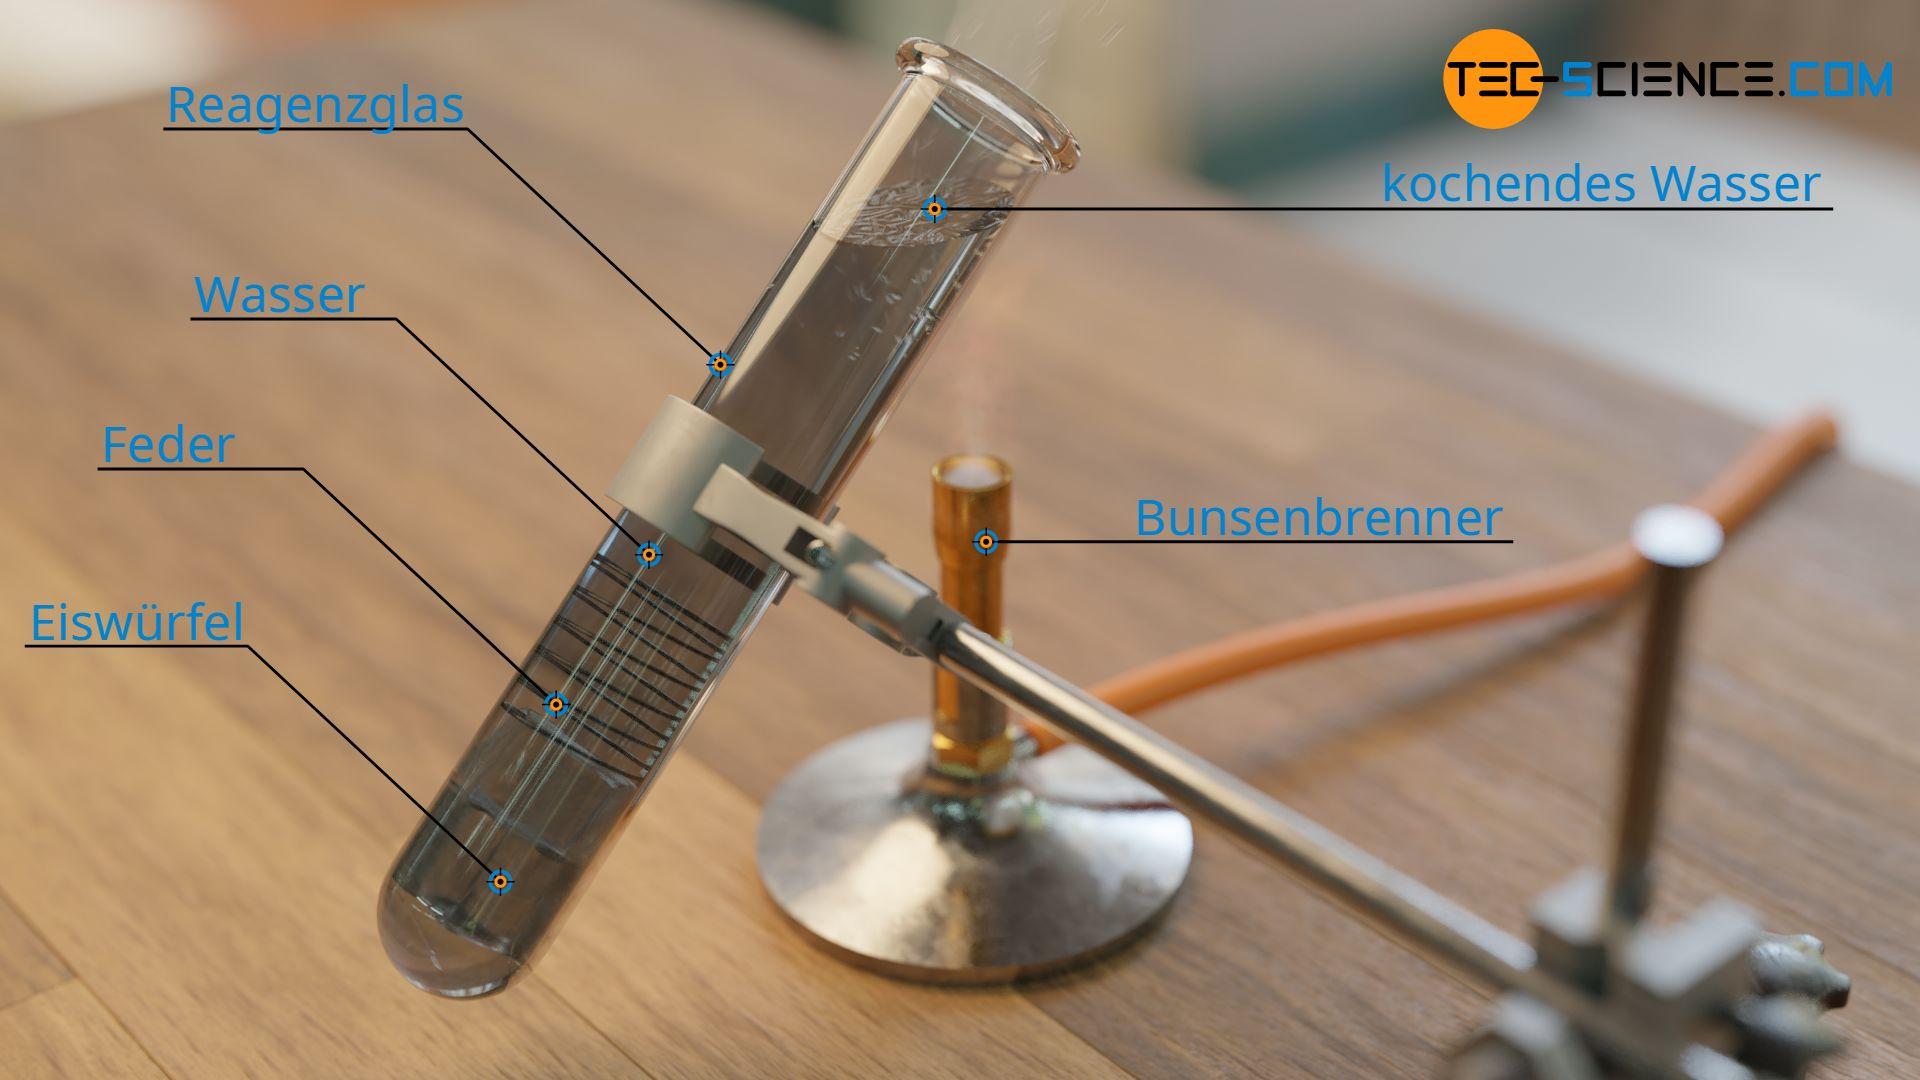 Experiment zur Demonstration der geringen Wärmeleitfähigkeit von Wasser